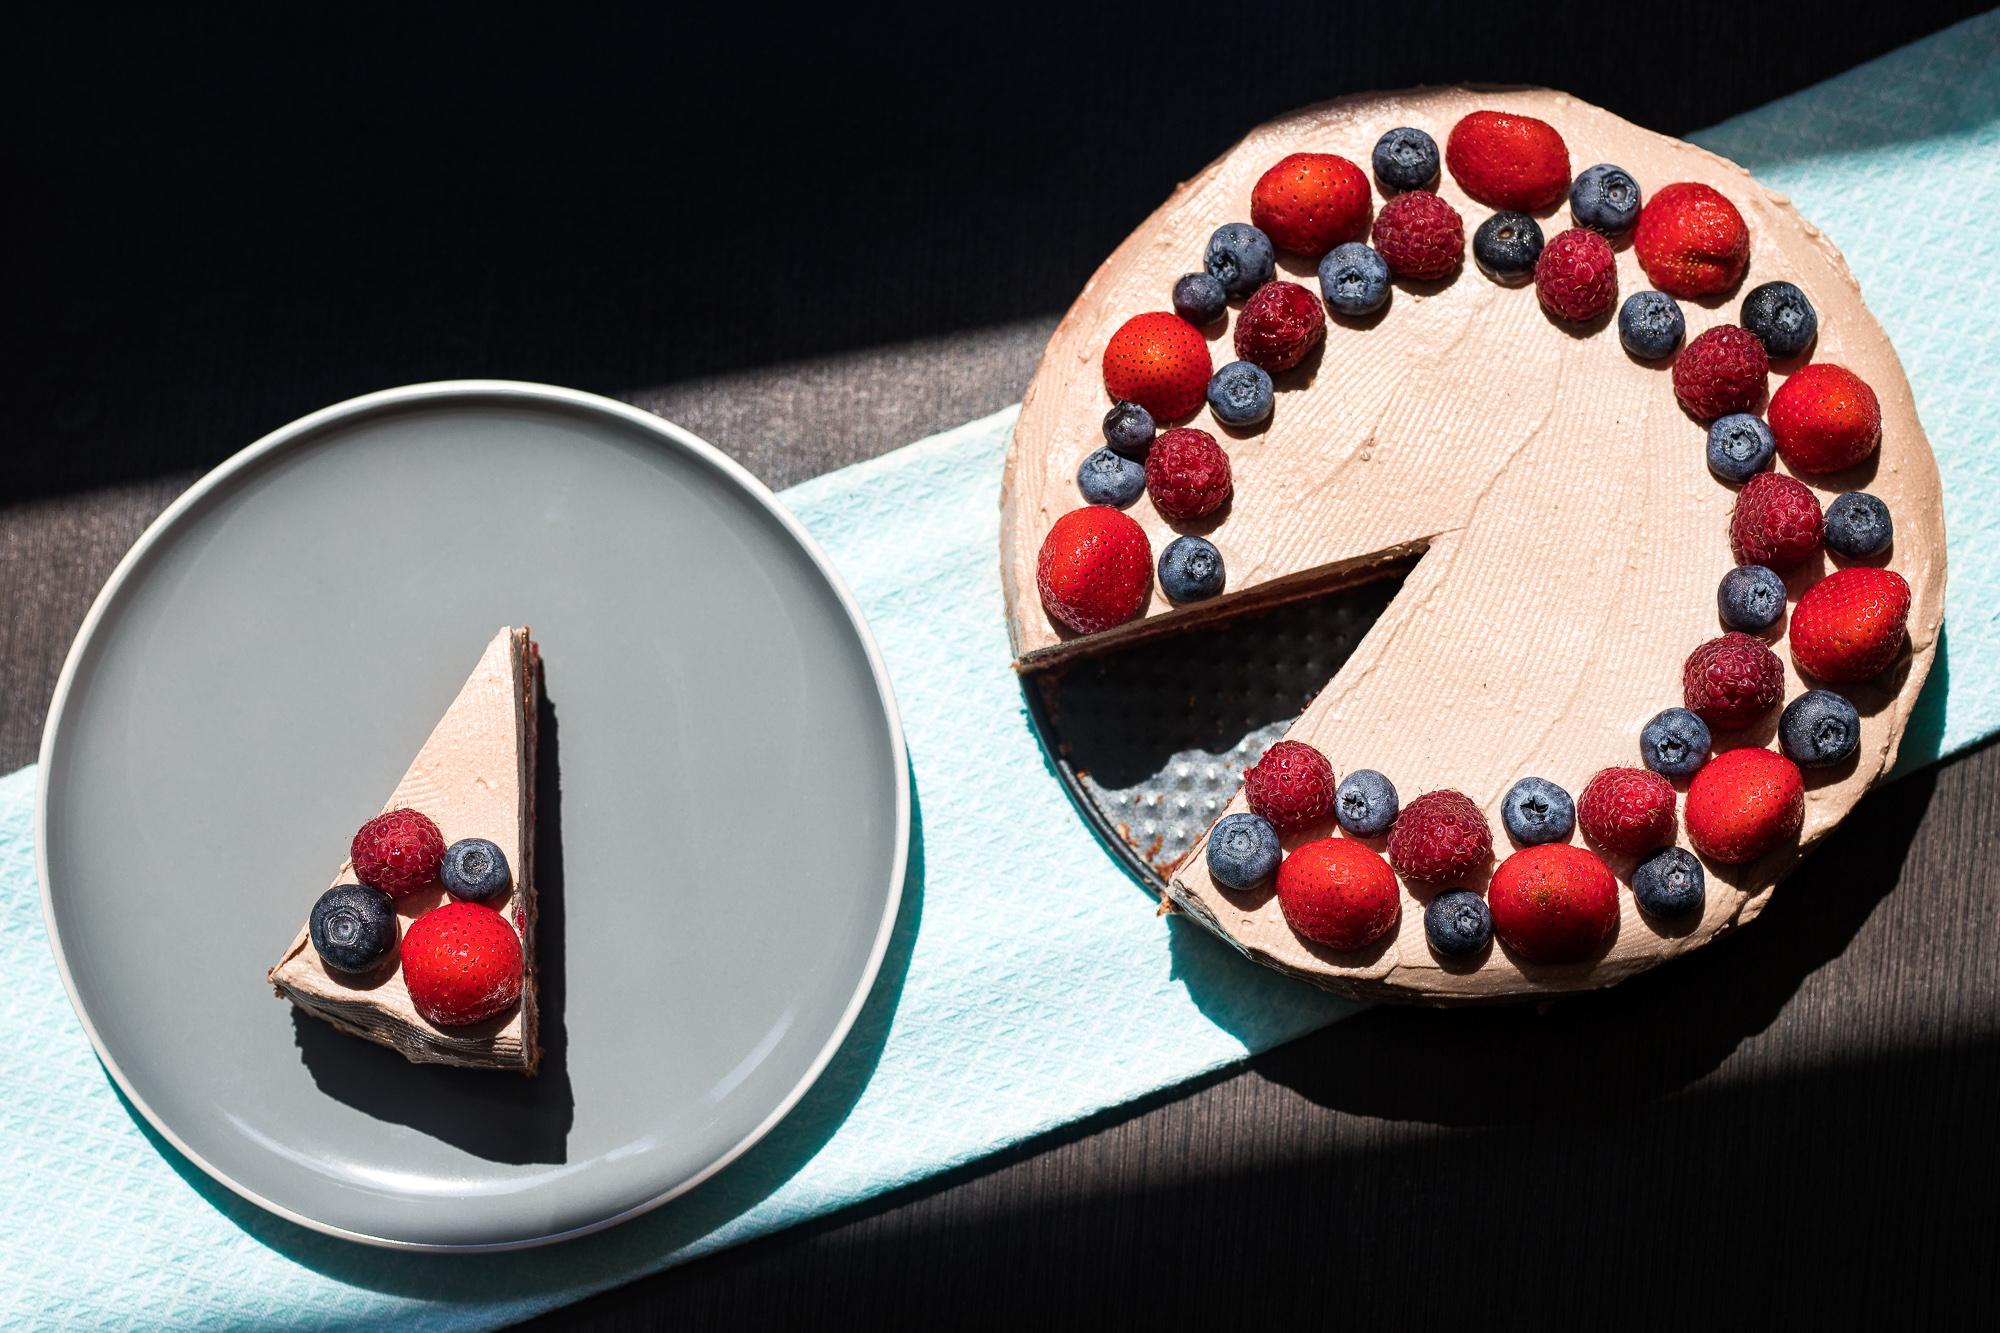 Famózna čokoládová cviklová torta bez lepku s tvarohovým krémom